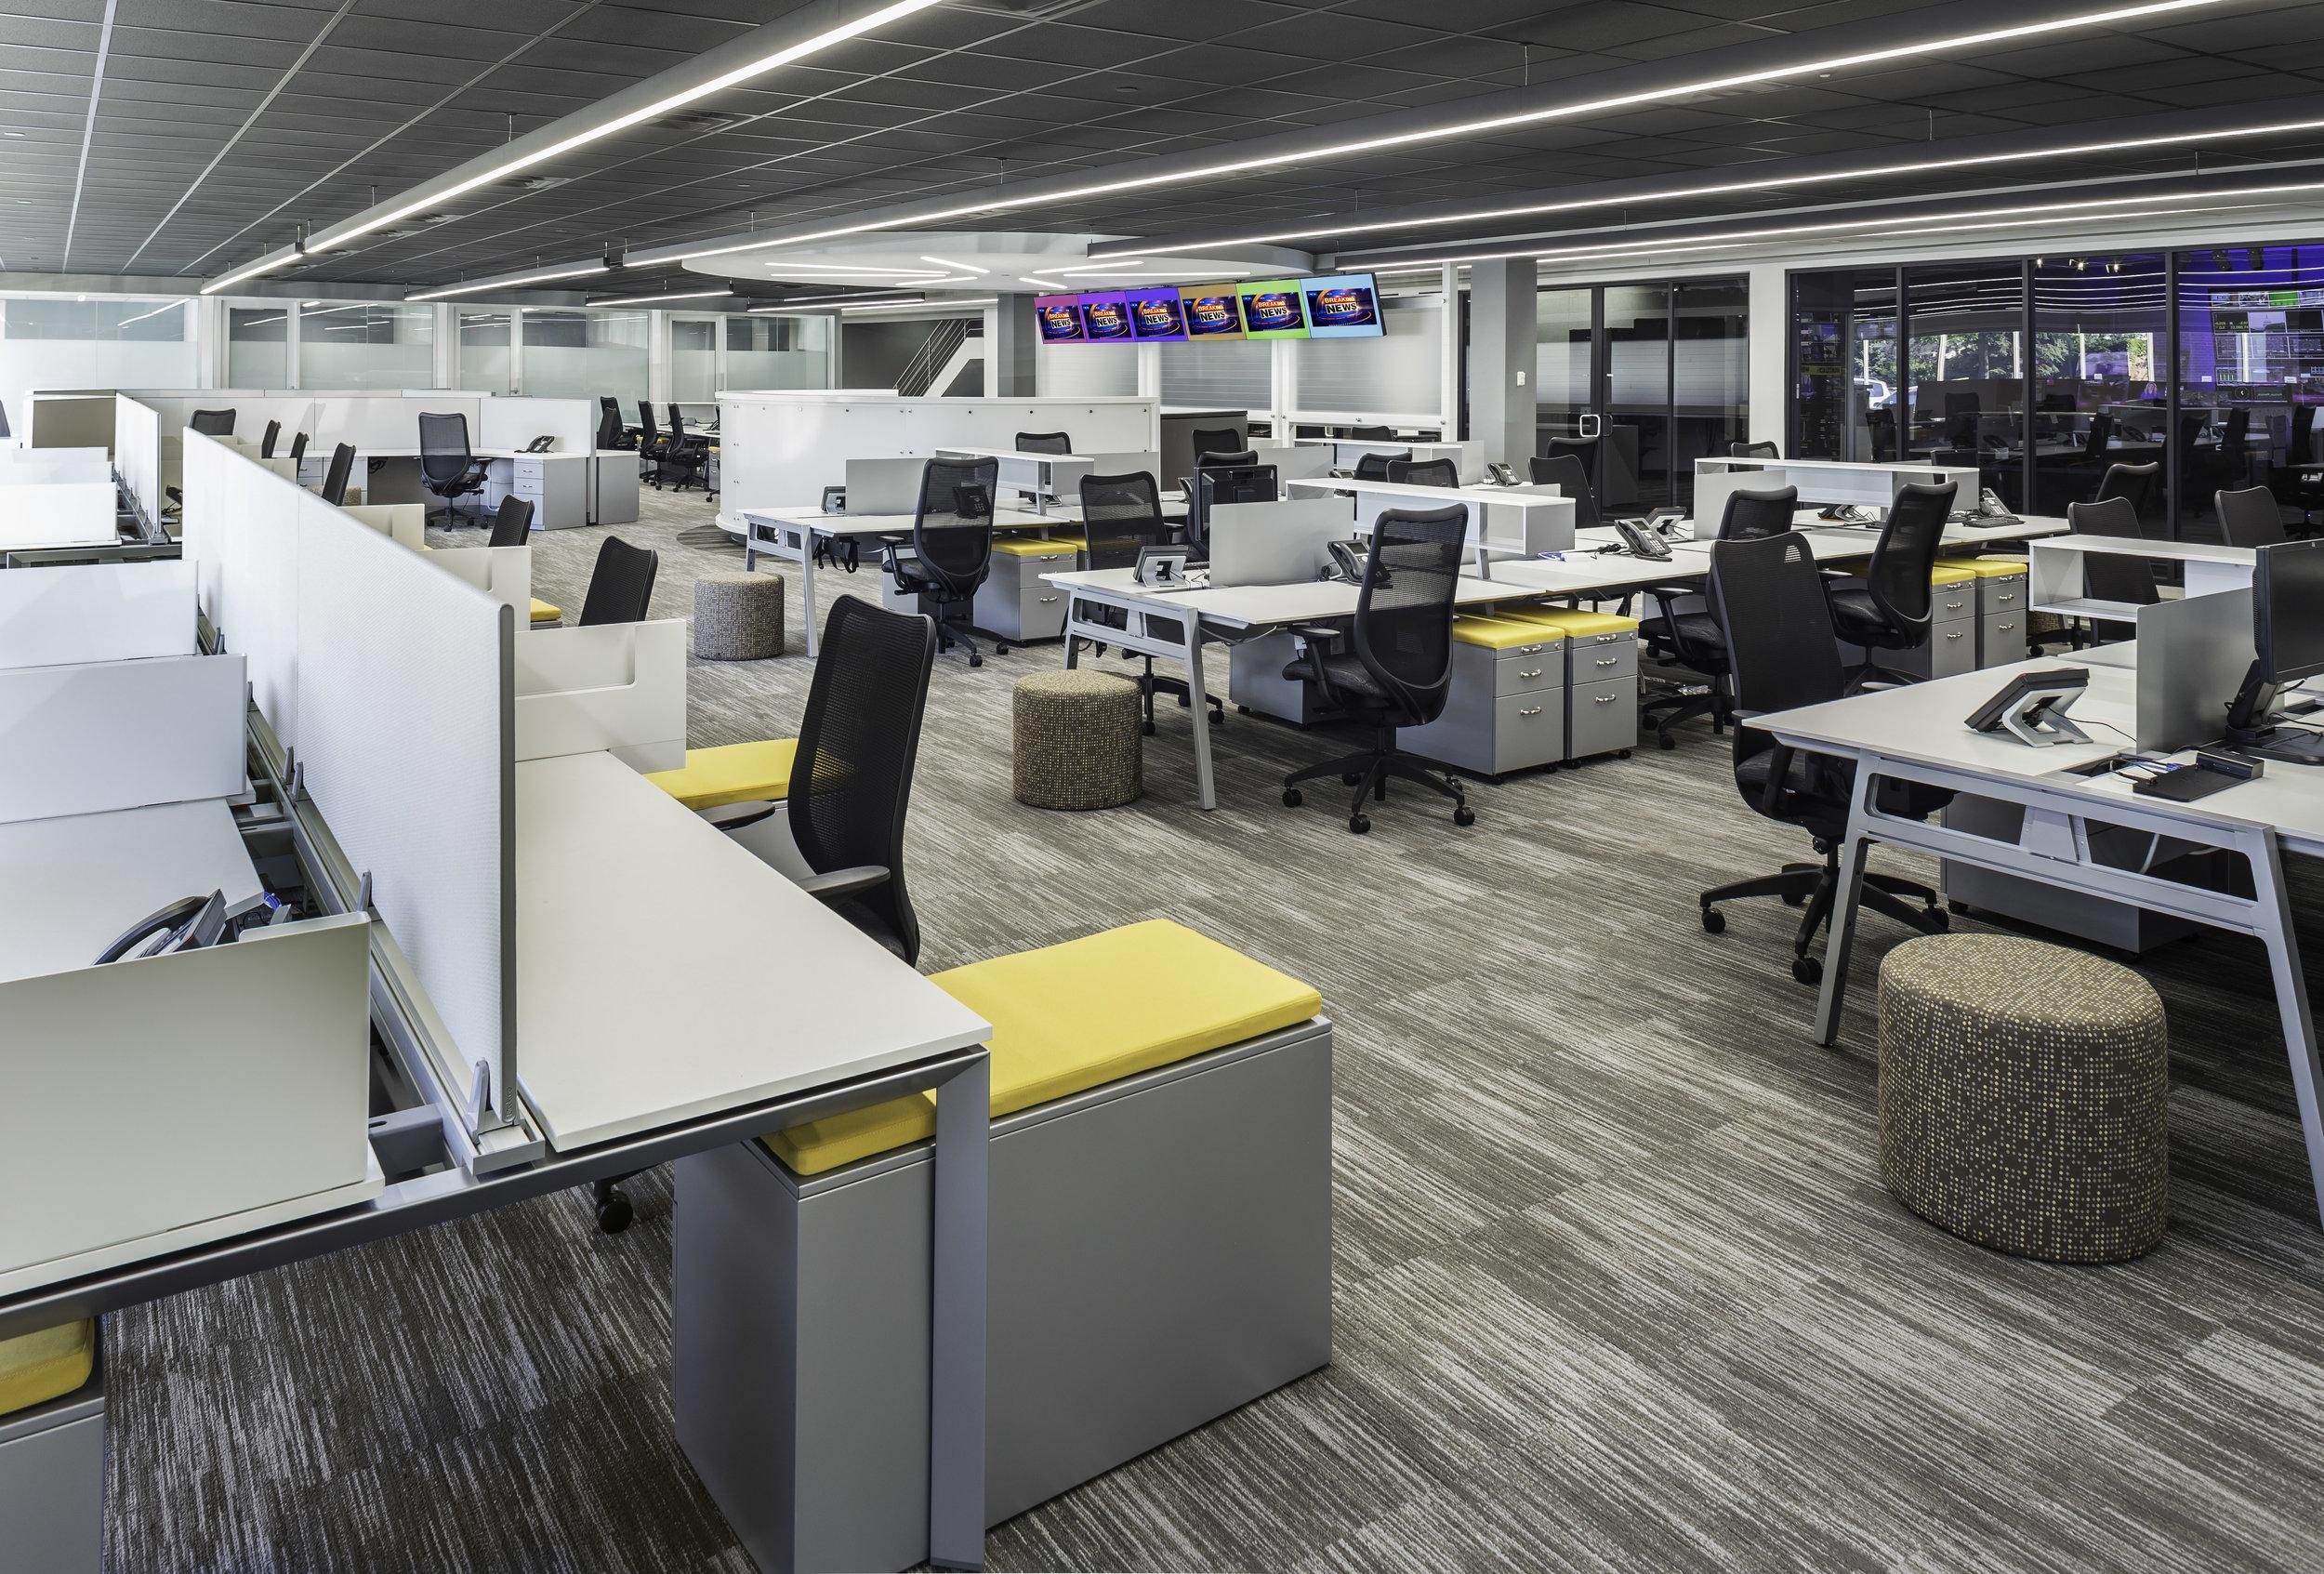 kmsp newsroom.jpg